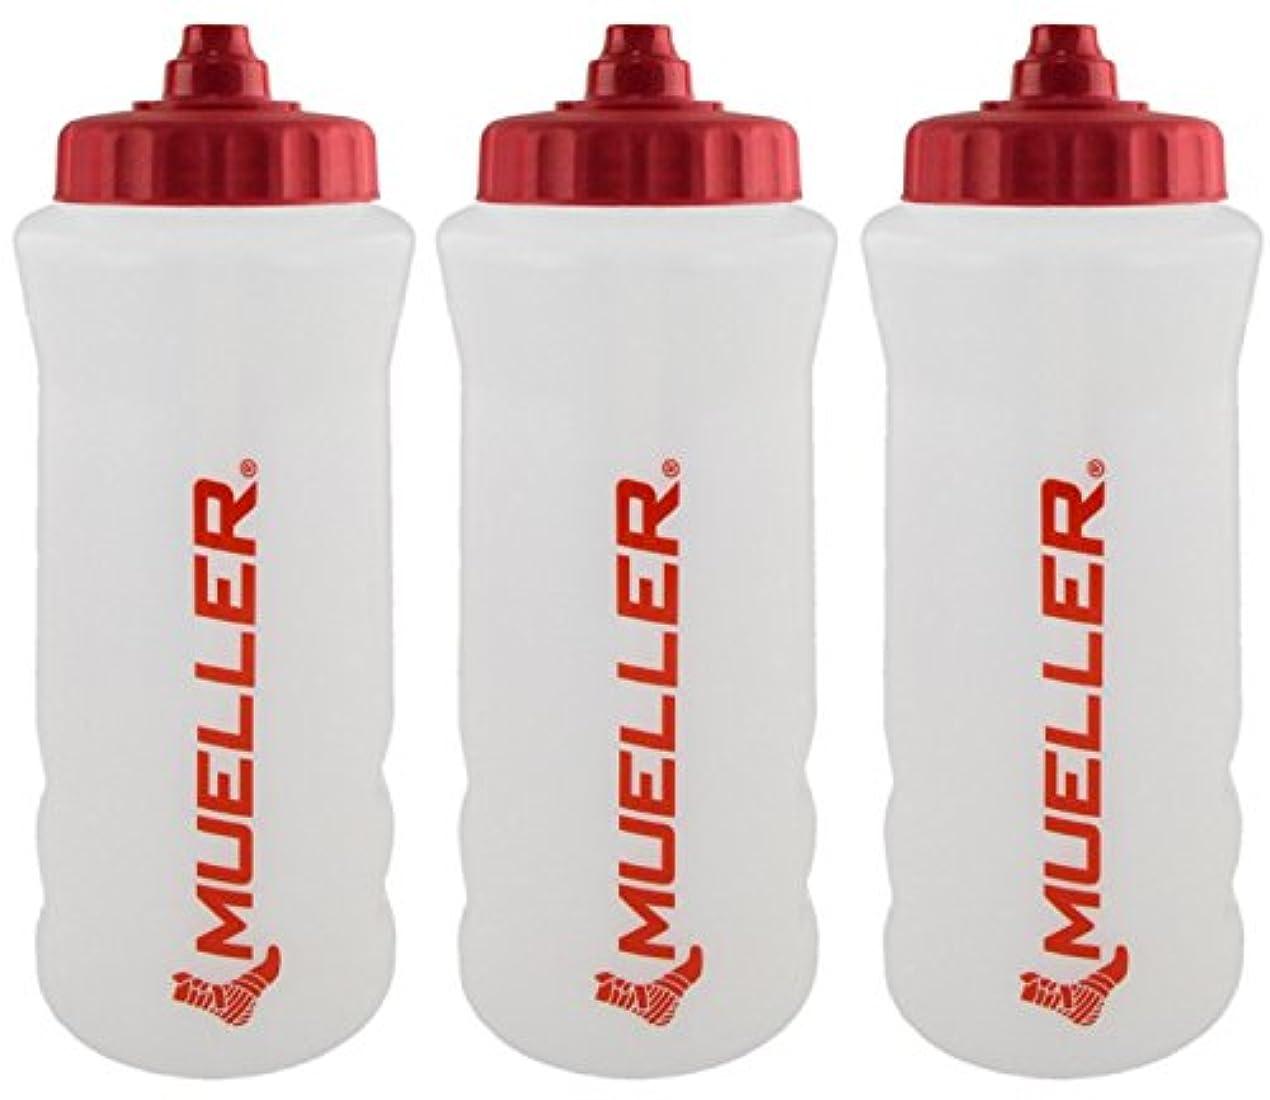 バイアス陪審歩き回るMueller QuartボトルW / Sureshot Squeeze (新しいデザイン、ナチュラルカラーW /レッドLetters